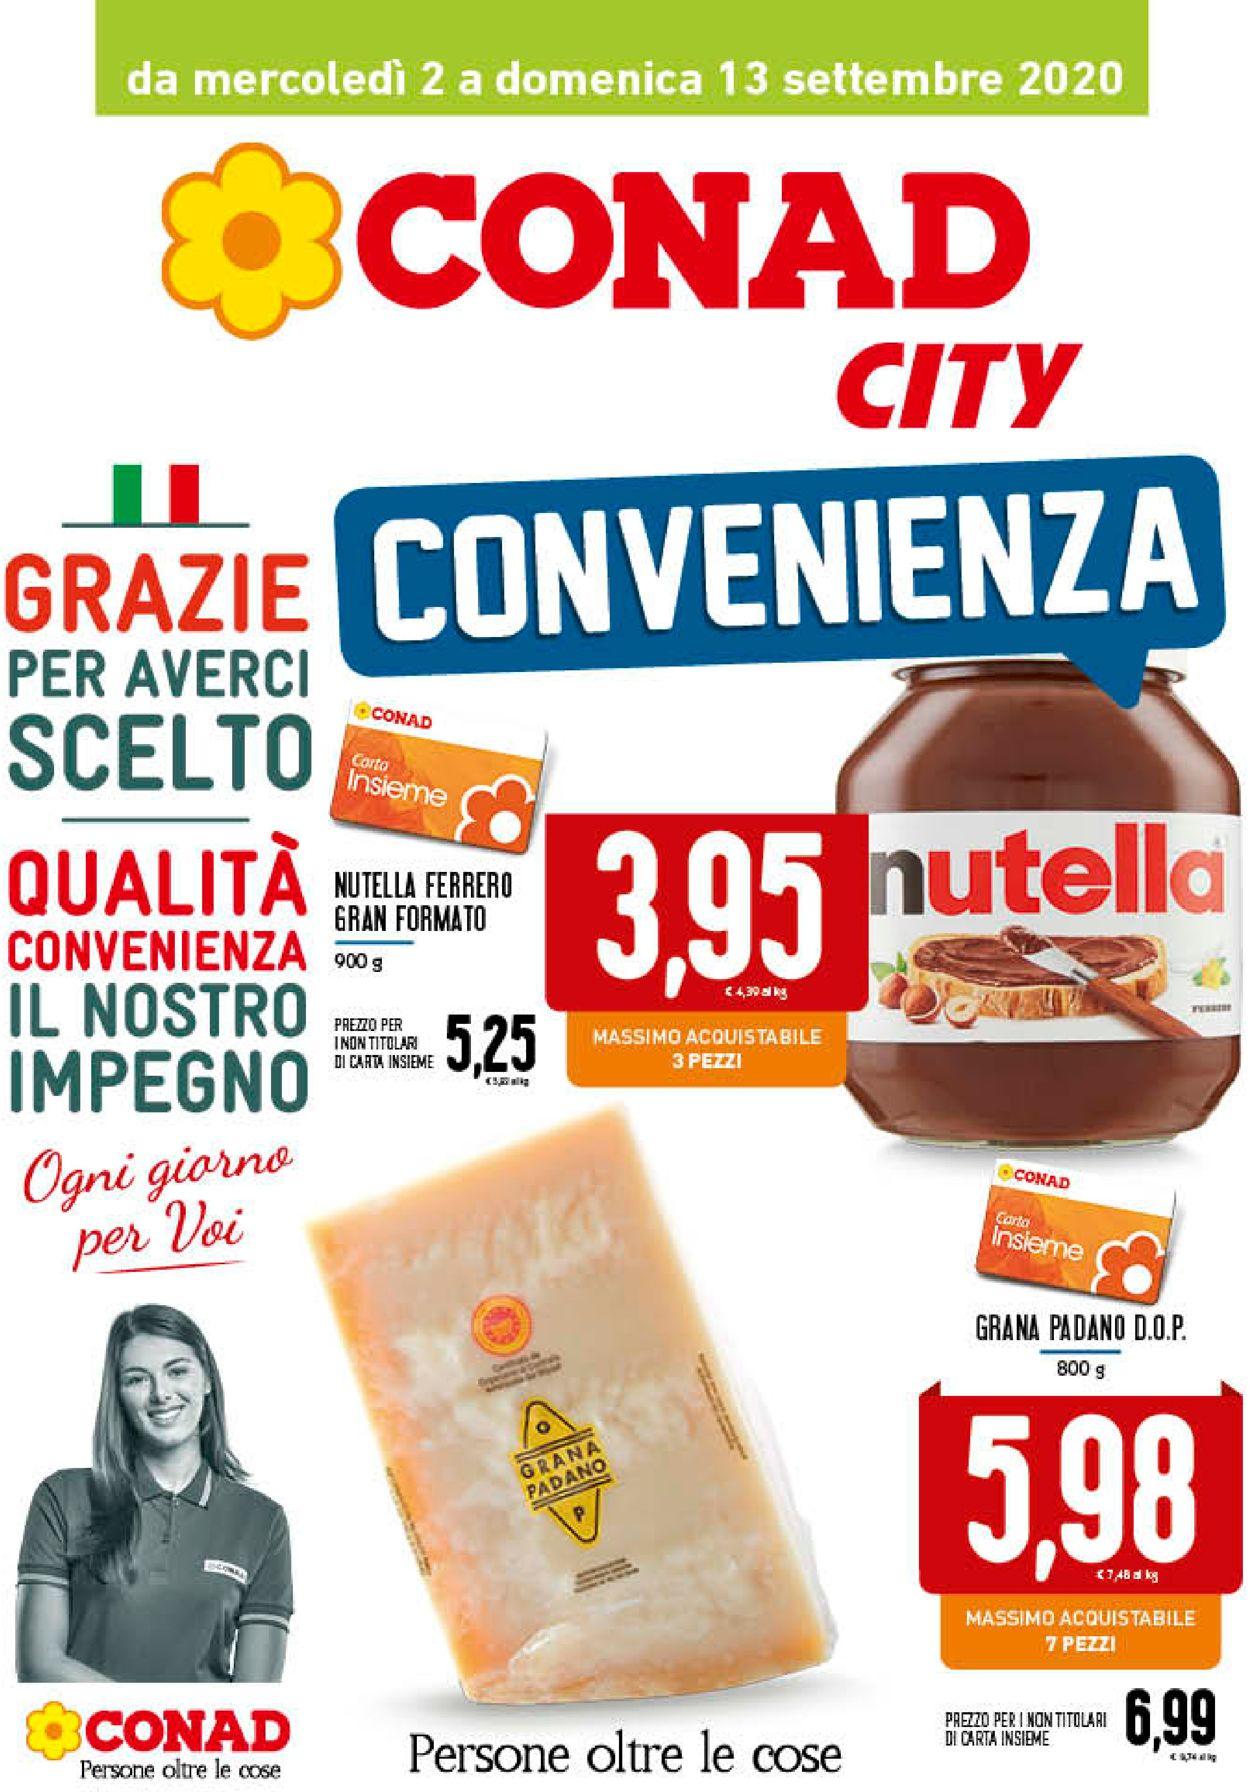 Volantino Conad - Offerte 02/09-13/09/2020